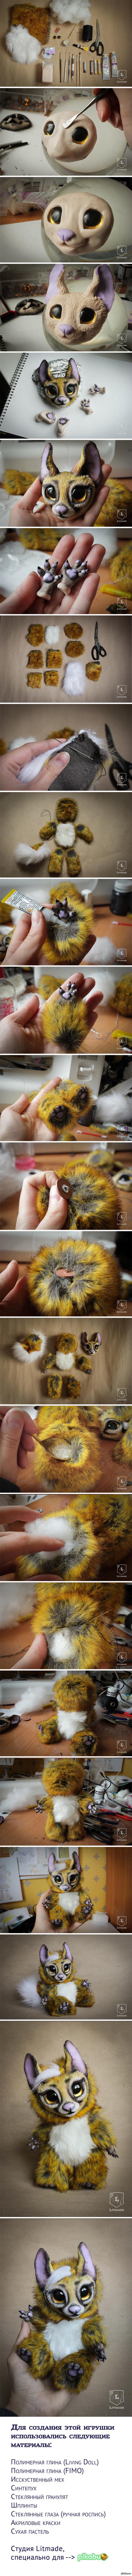 Пост о том, как создаются игрушки. Небольшой фотоотчет о создании авторской игрушки ручной работы.  Игрушка, лиса, рысь, кот, ручная работа, моё, Litmade, длиннопост